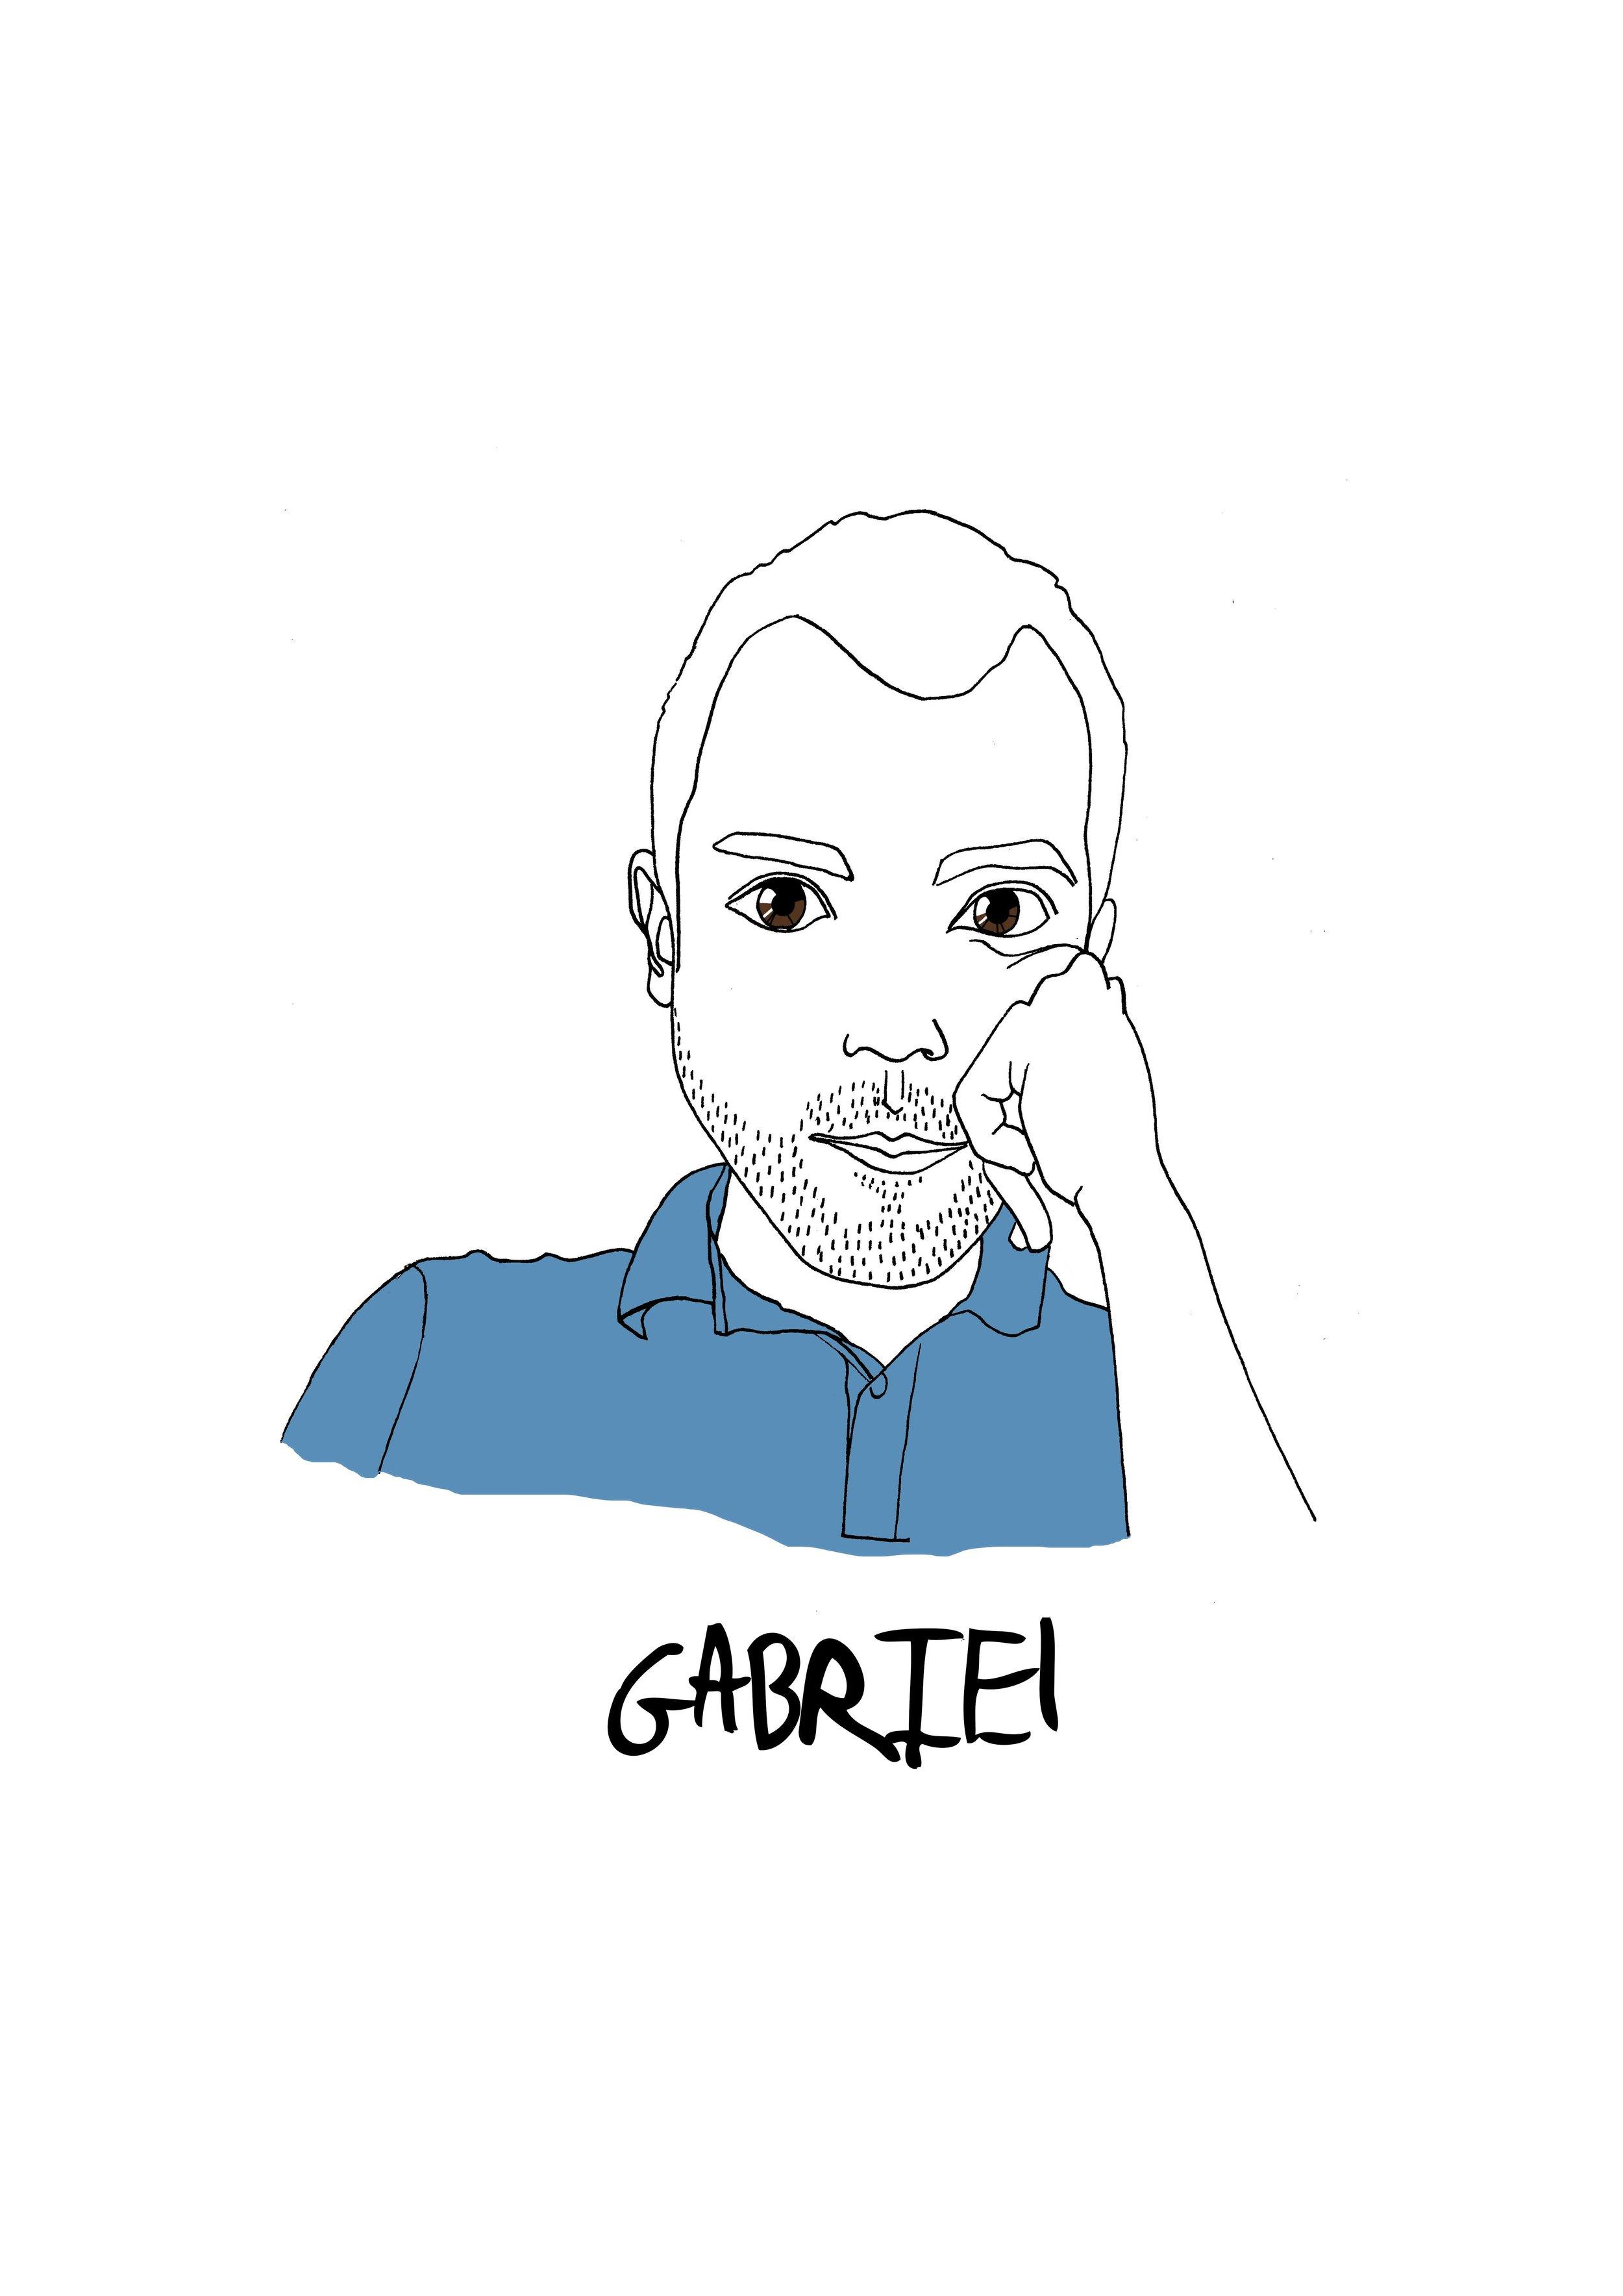 gabriel_3.jpg